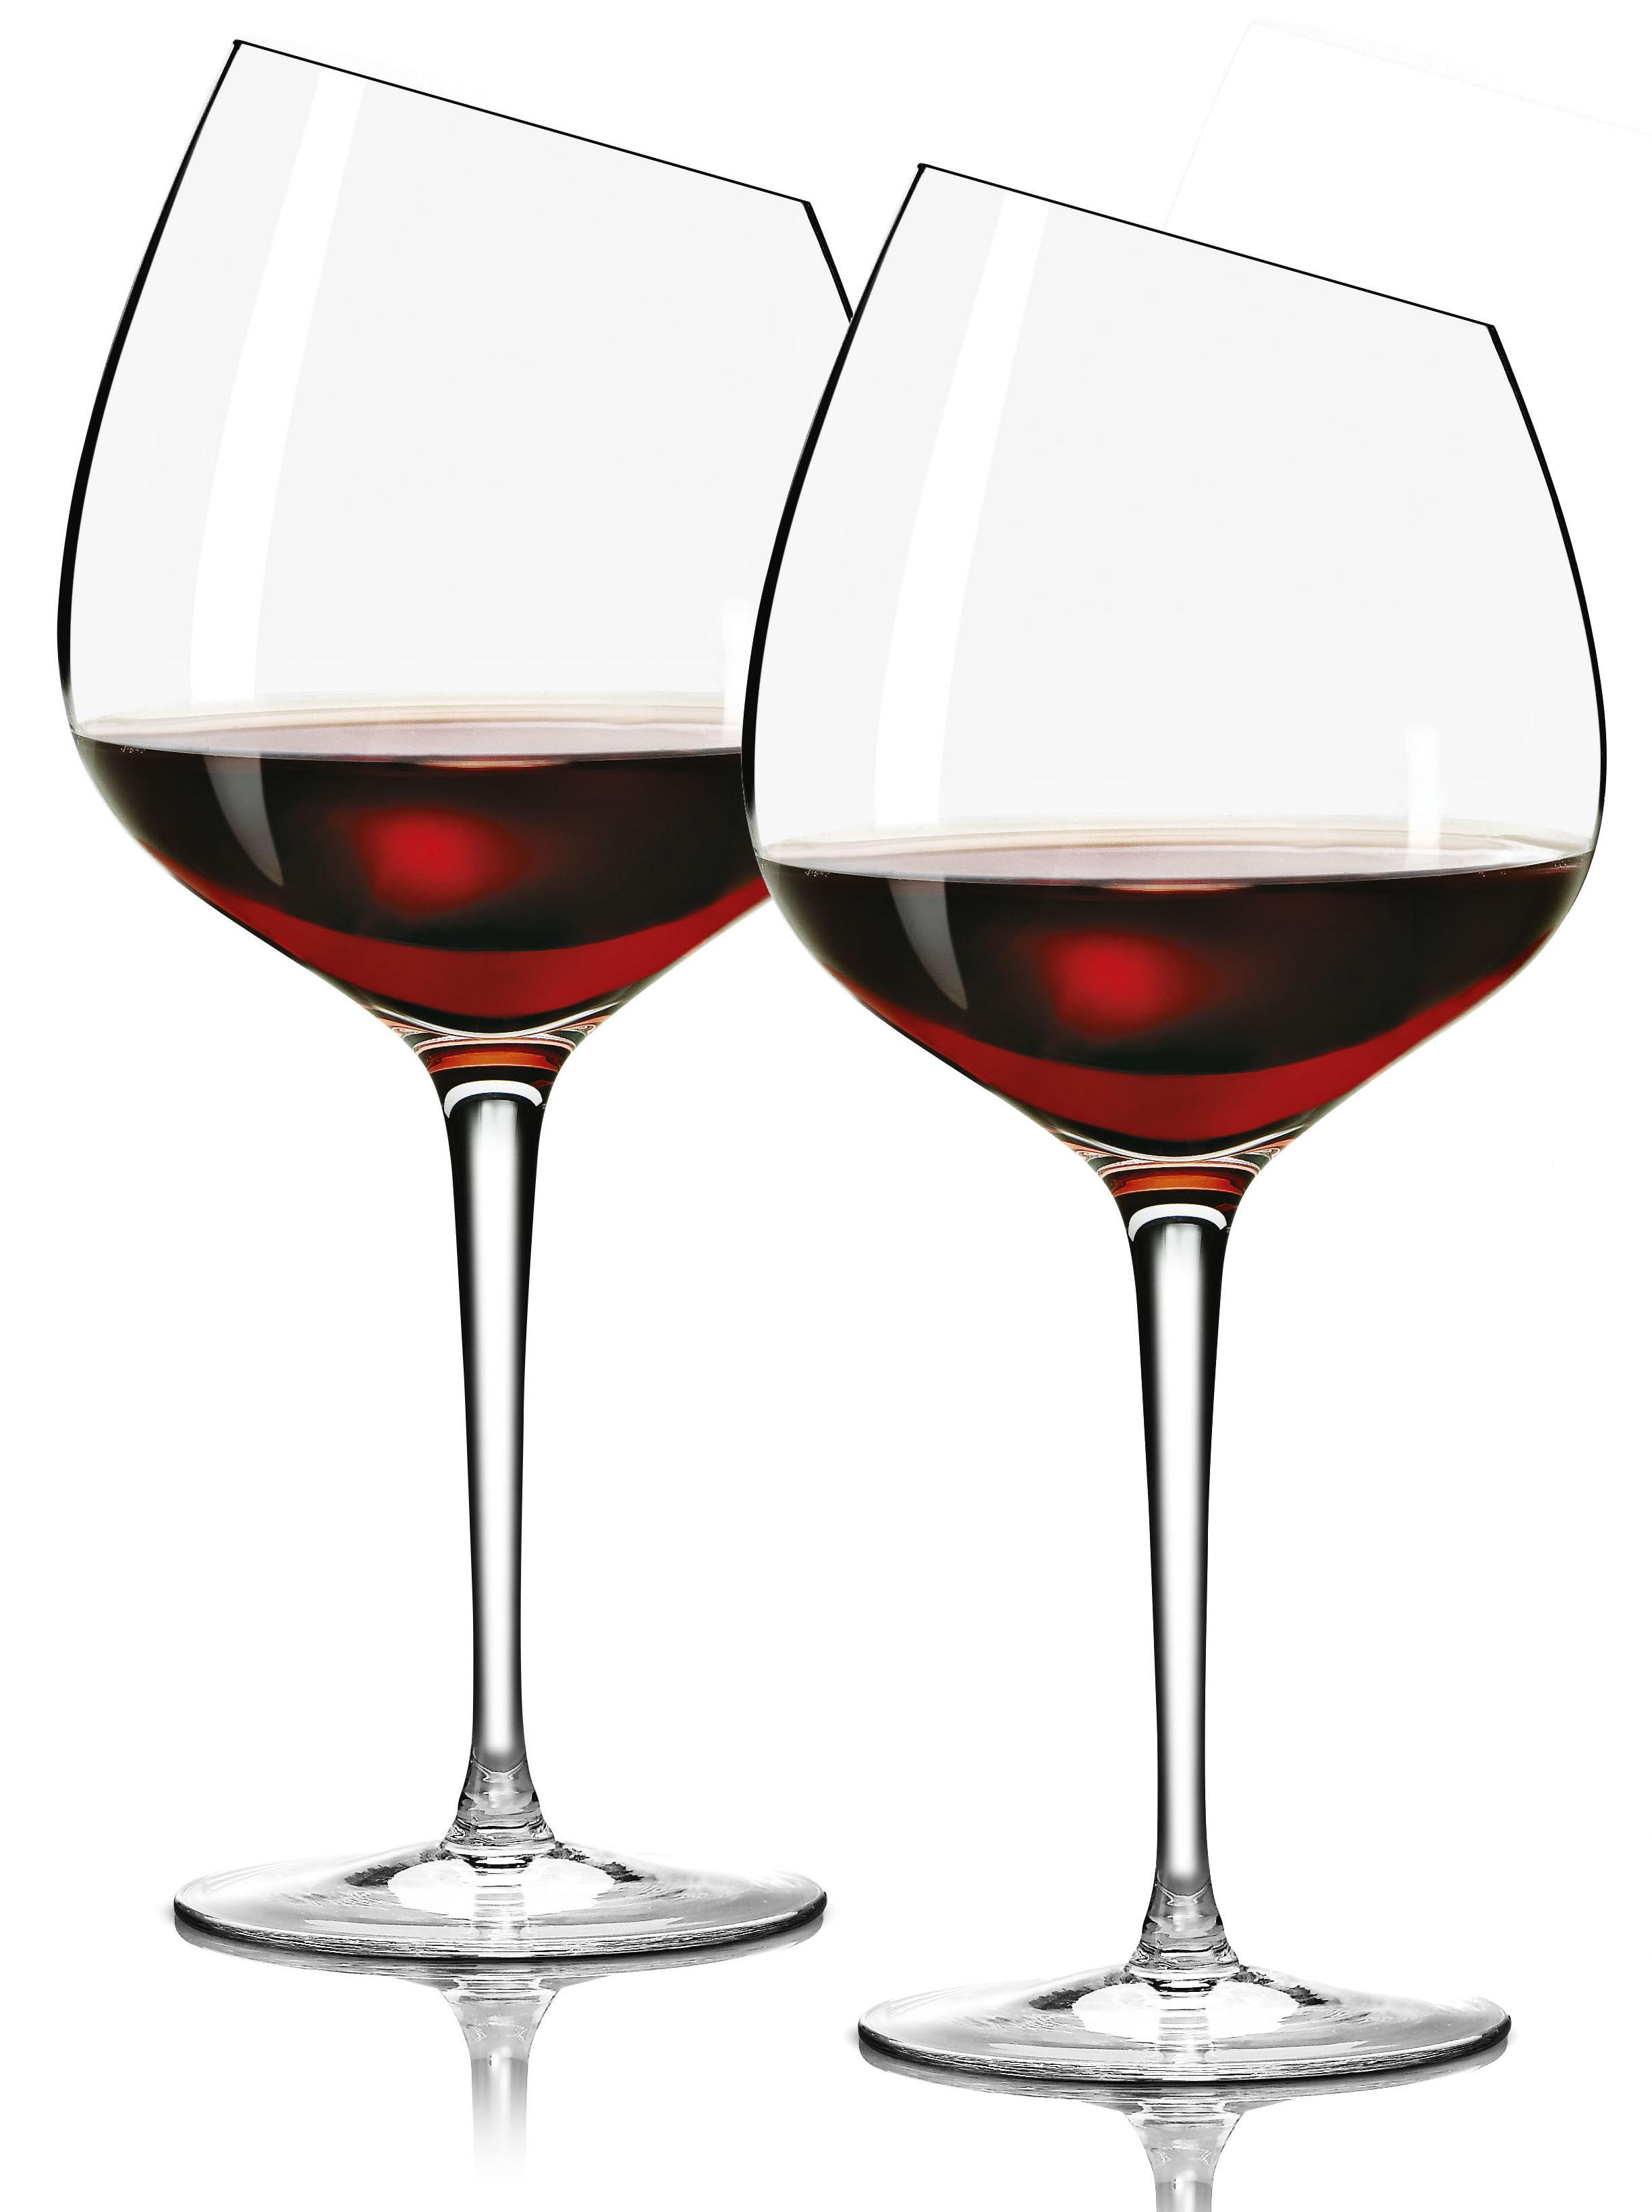 La qualité du vin saint estephe